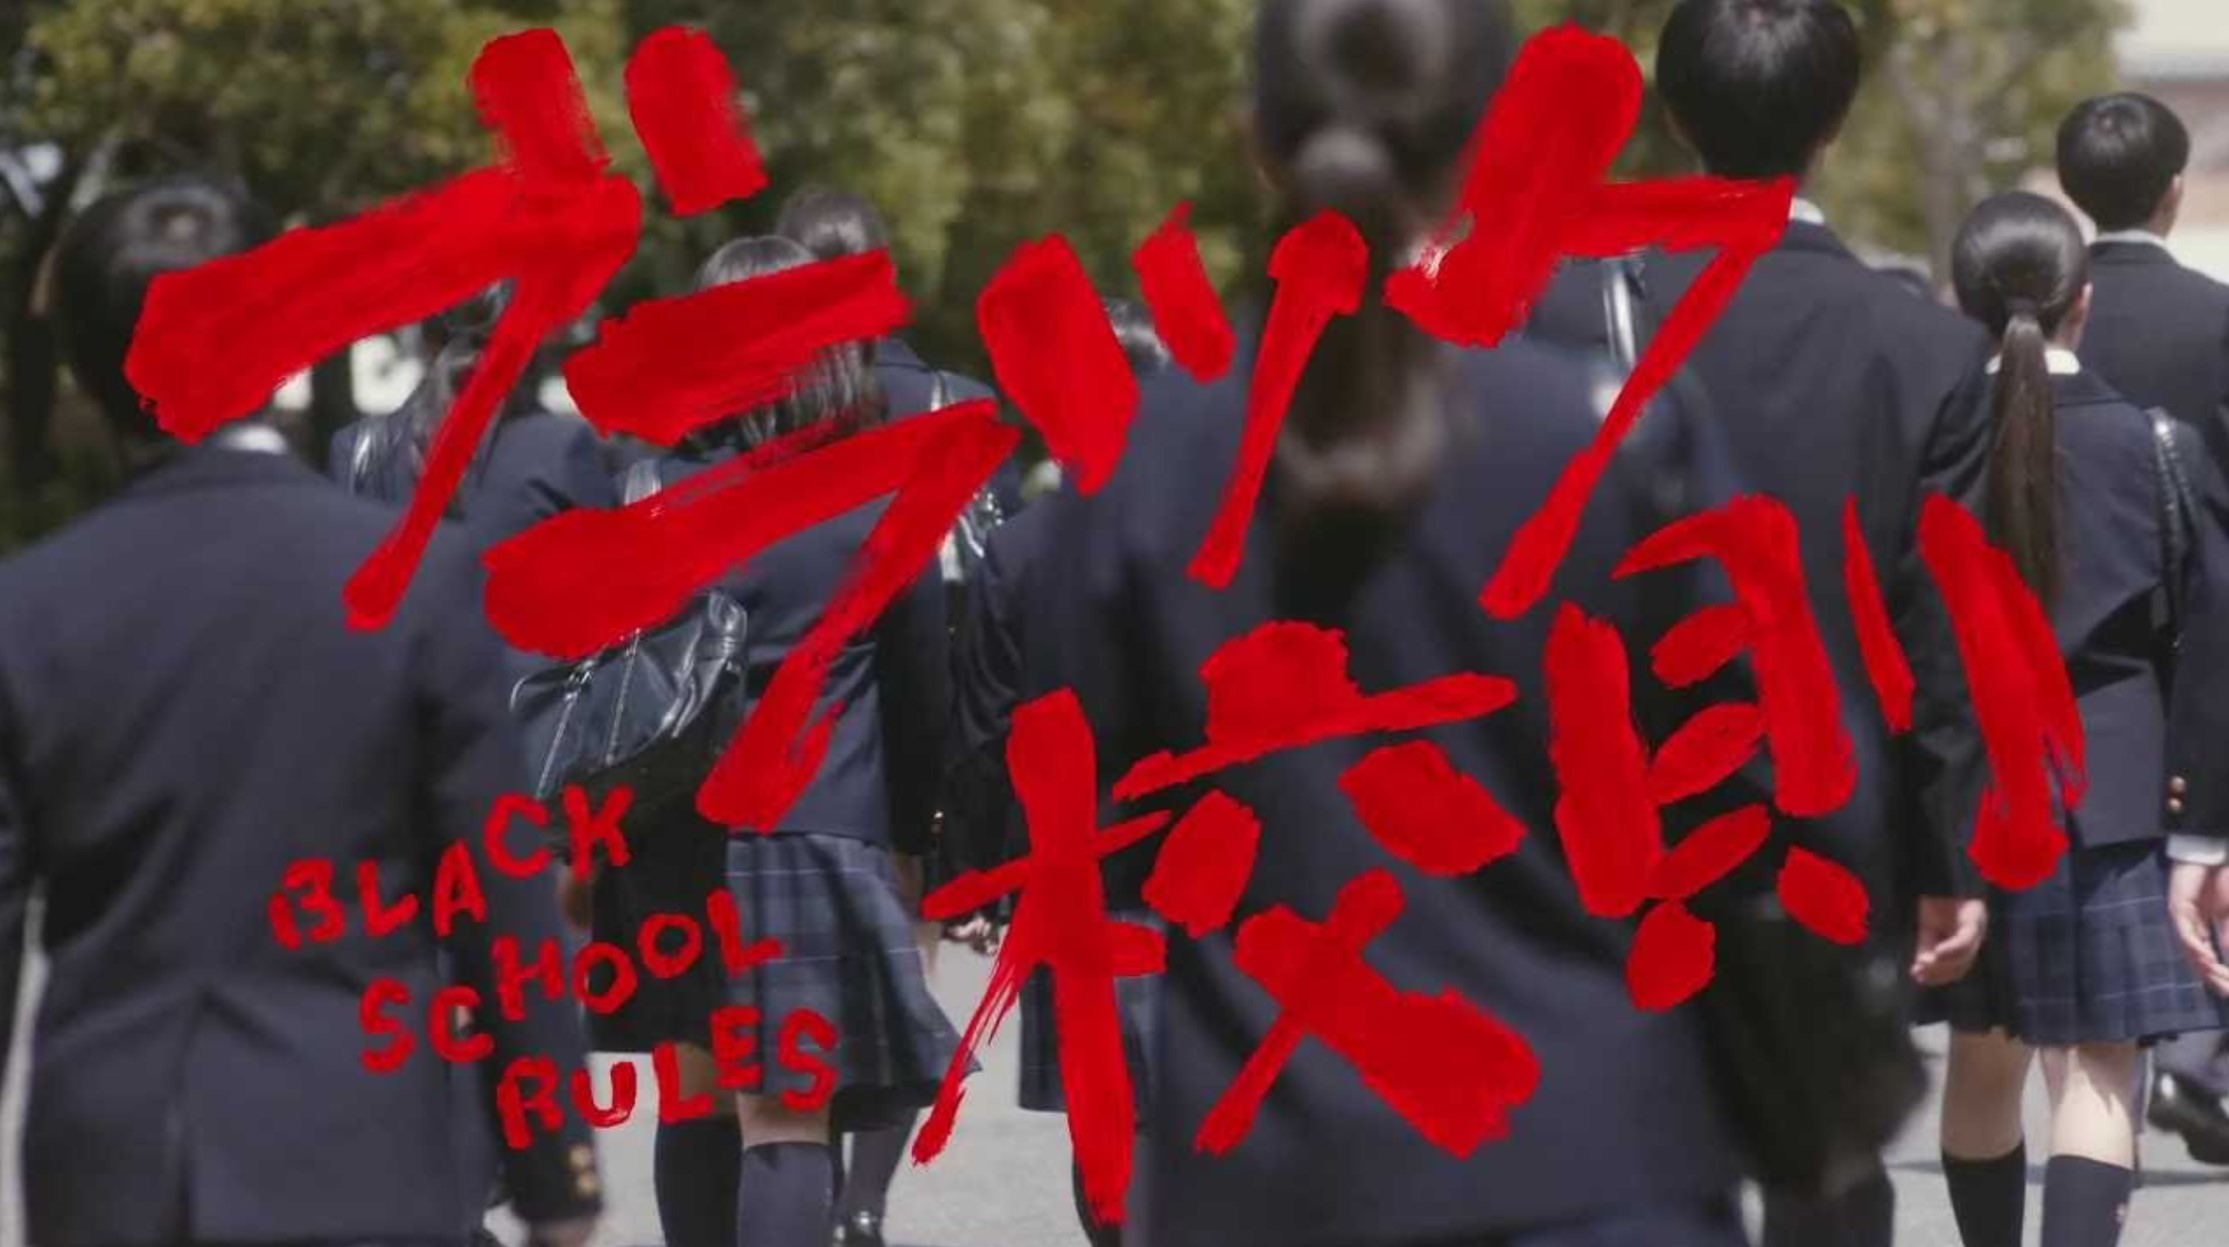 ブラック校則ドラマ1話見逃し動画無料フルを視聴する方法!ネタバレ感想レビューまとめ